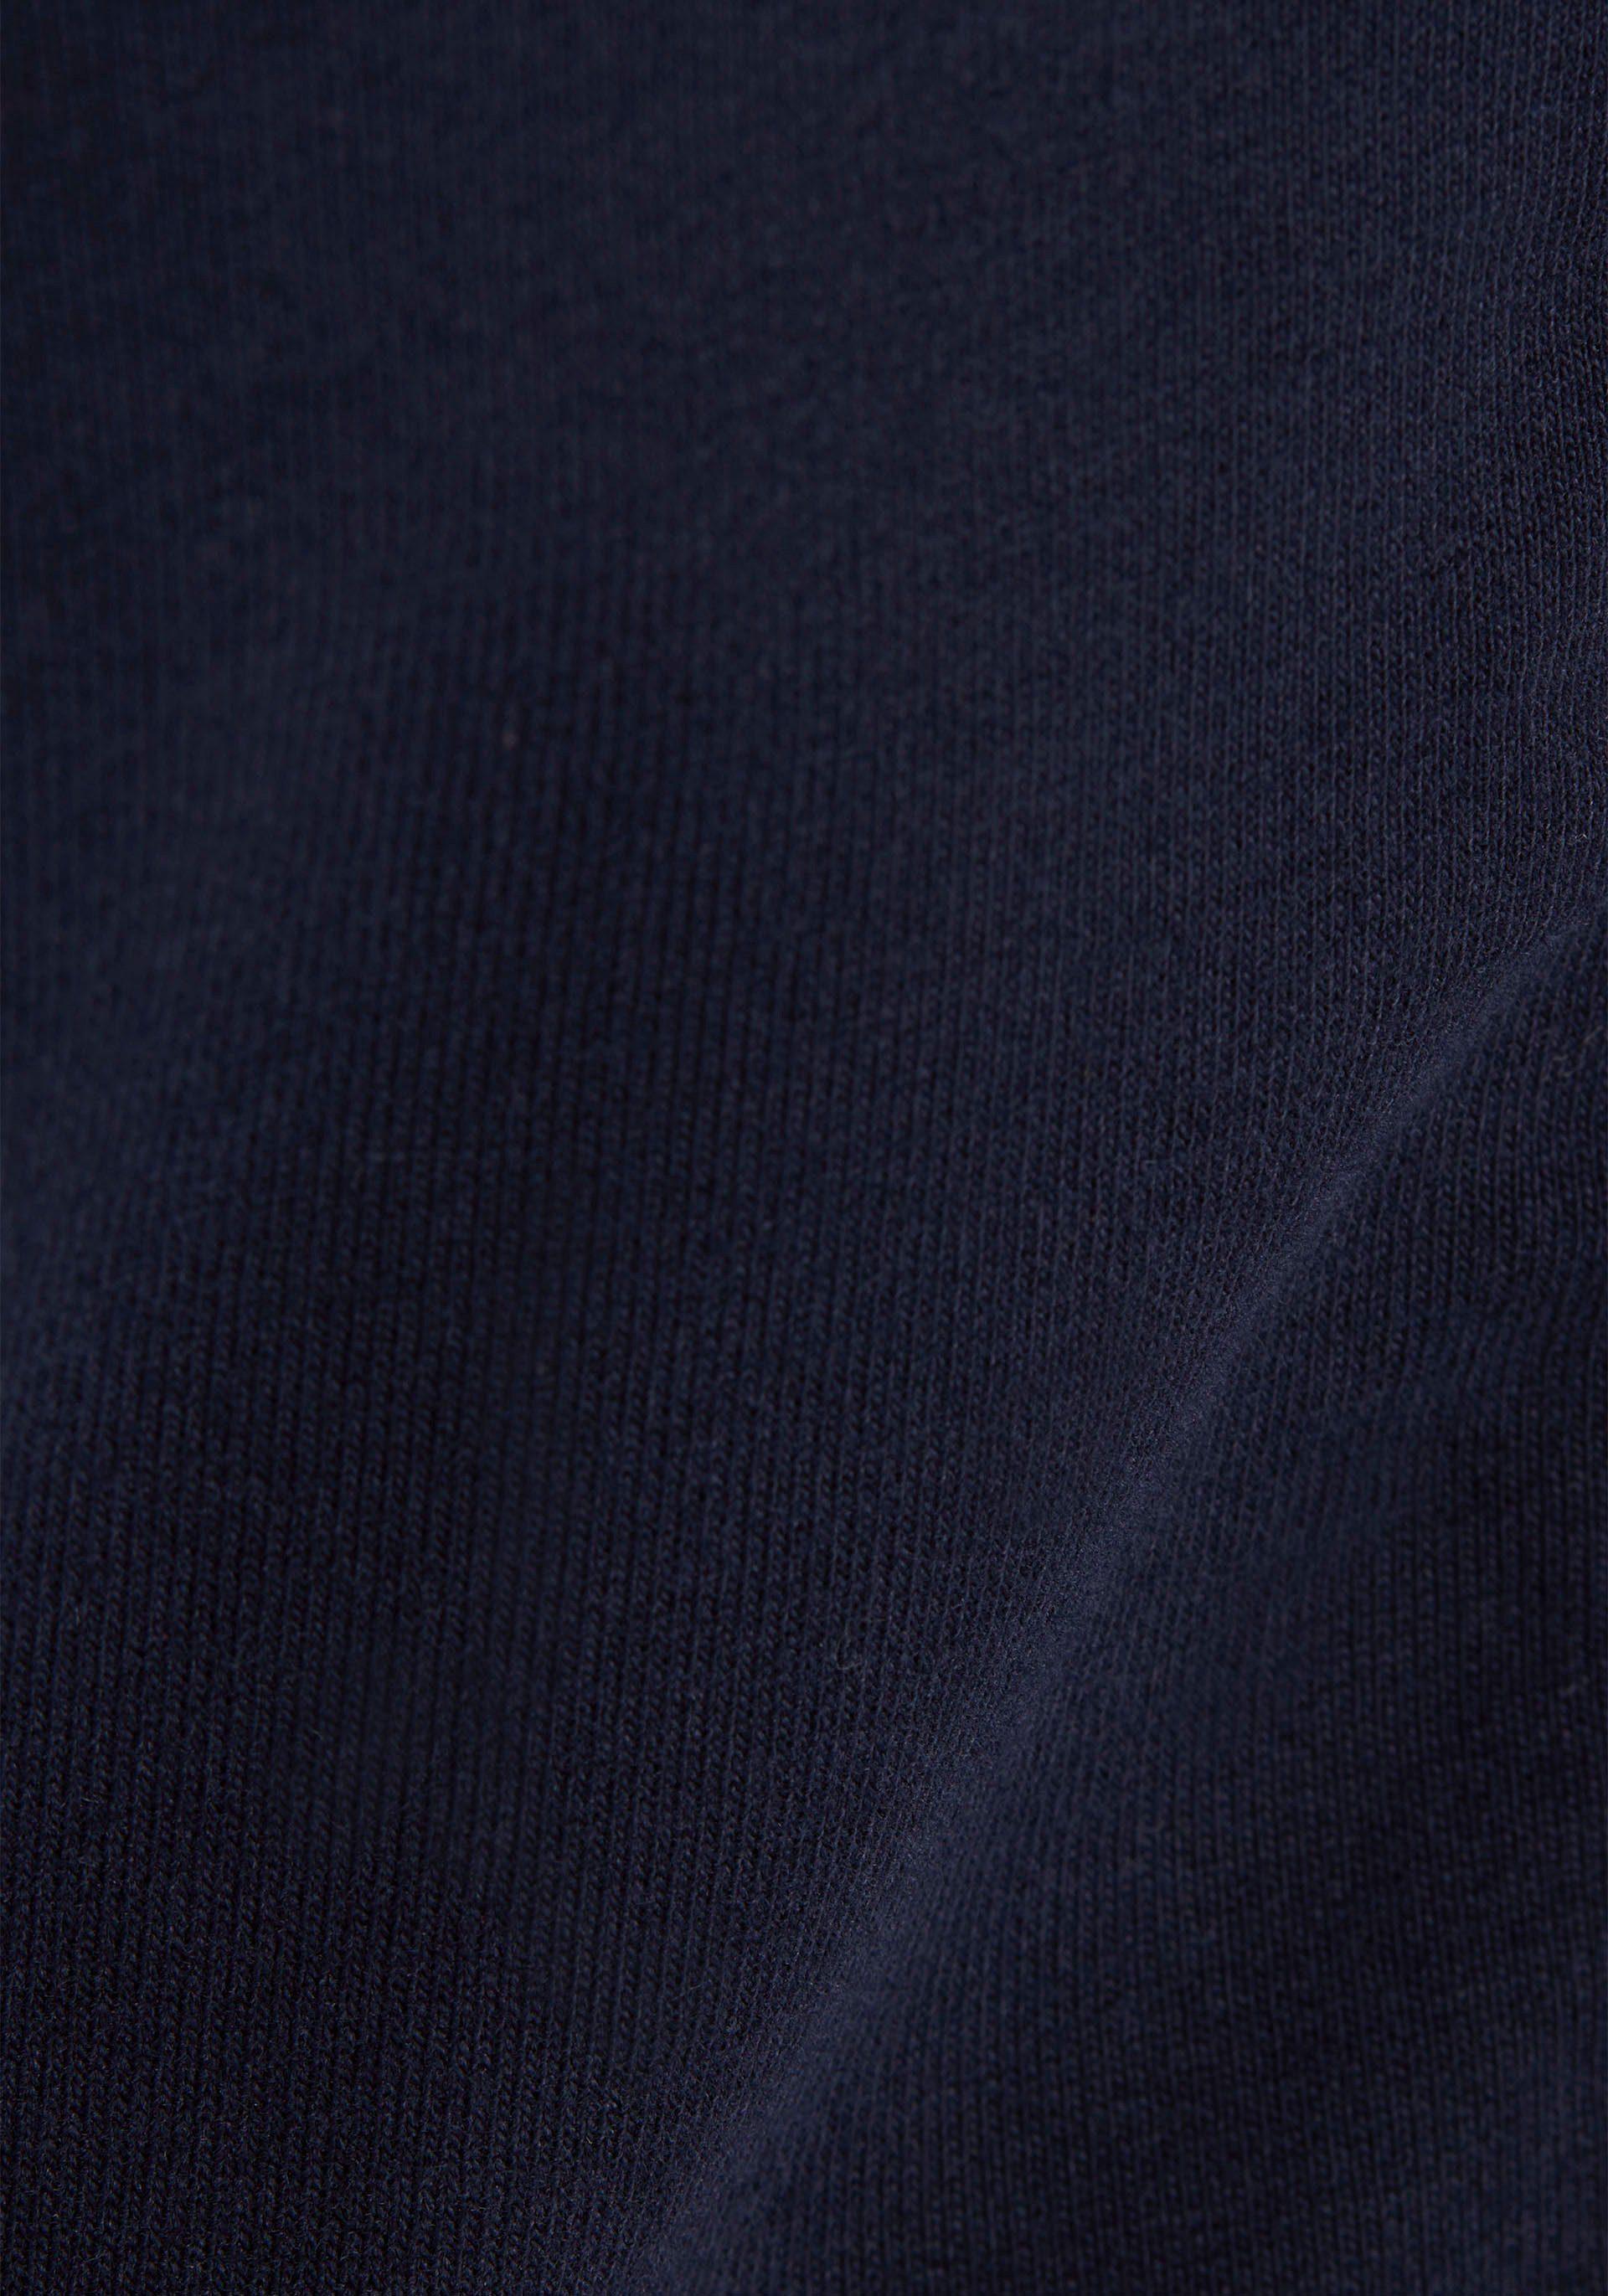 Esprit Sports Sweatshirt Mit Kapuze Breiten, Bedruckten Webbändern Online Kaufen